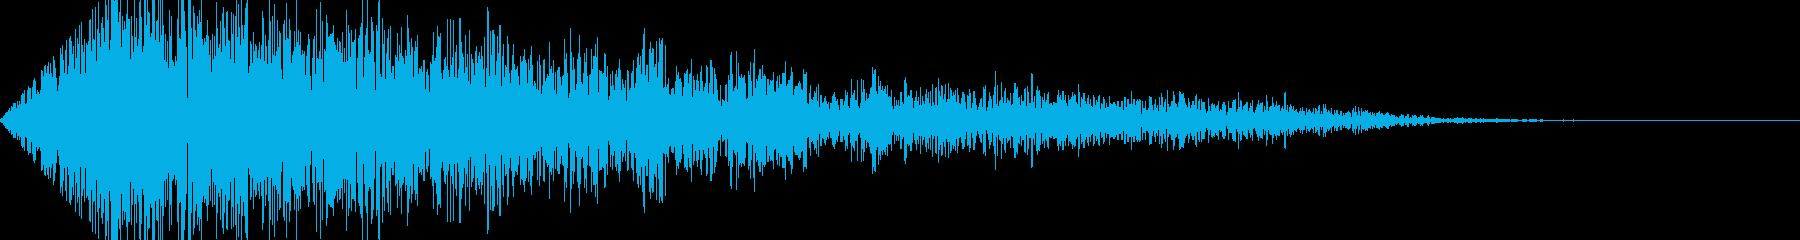 グォーン(巨大な地響き音B)フェードインの再生済みの波形